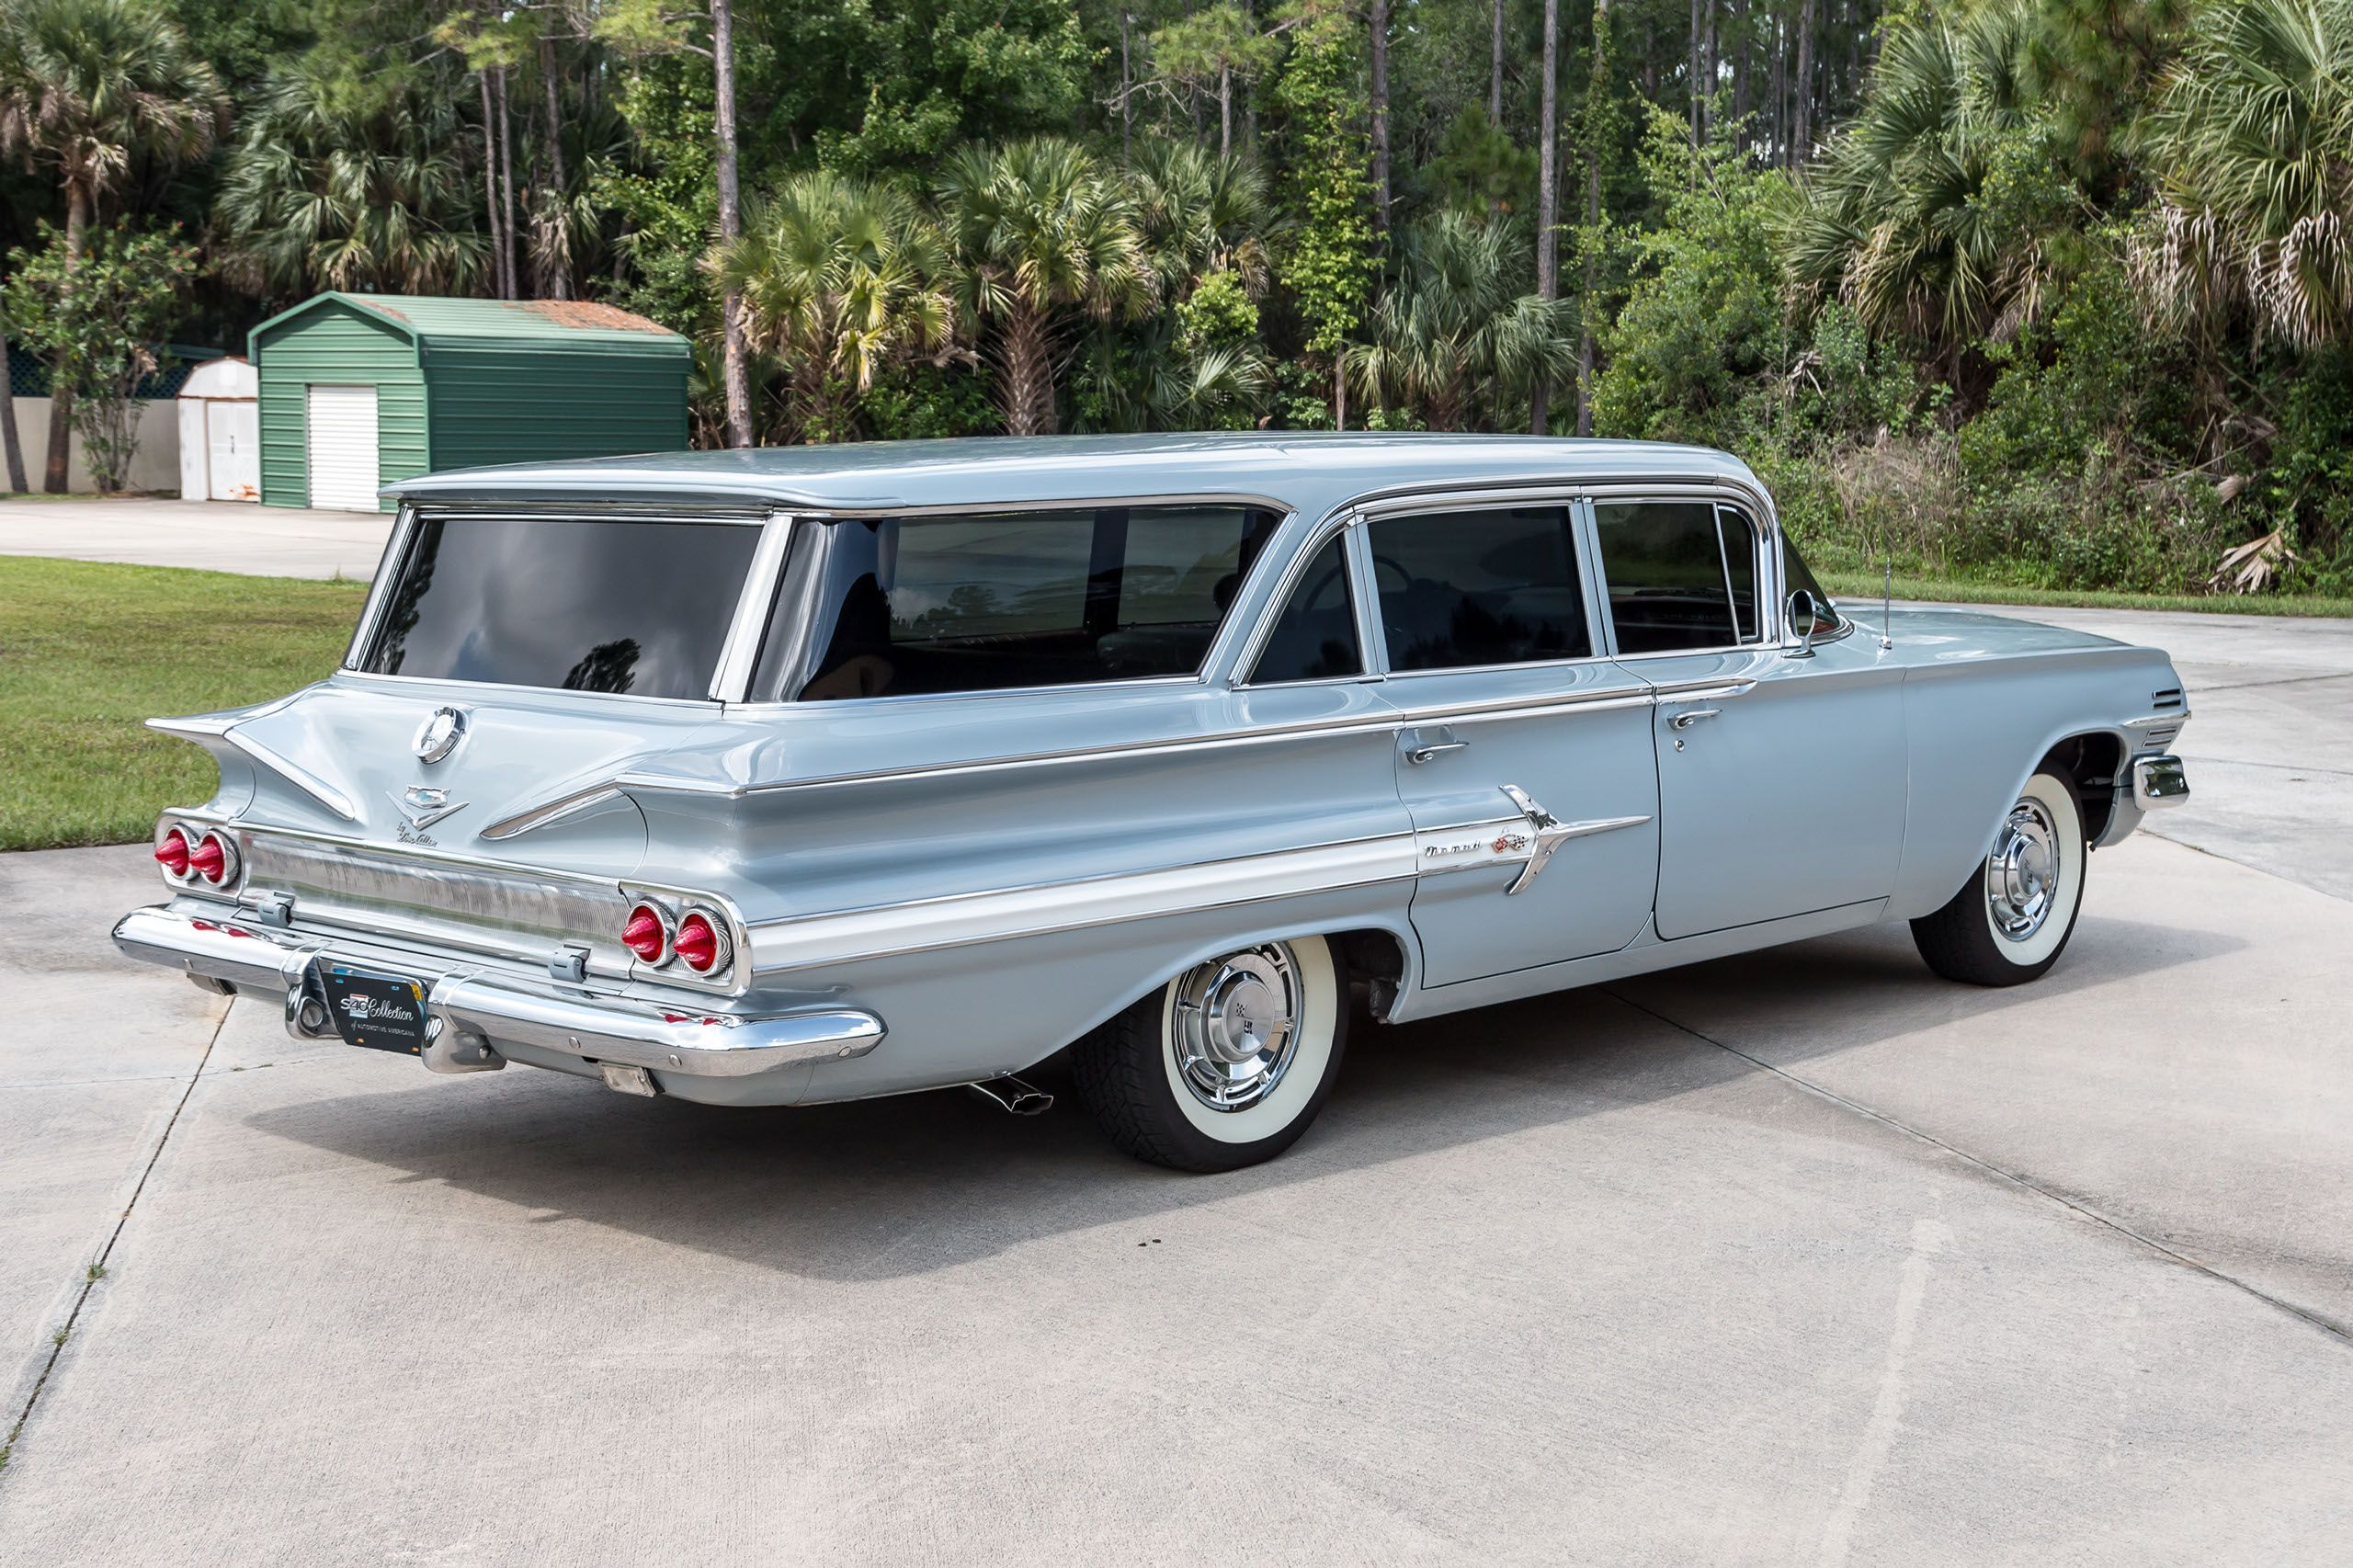 1960 Chevrolet Nomad Station Wagon Station Wagon Chevy Nomad